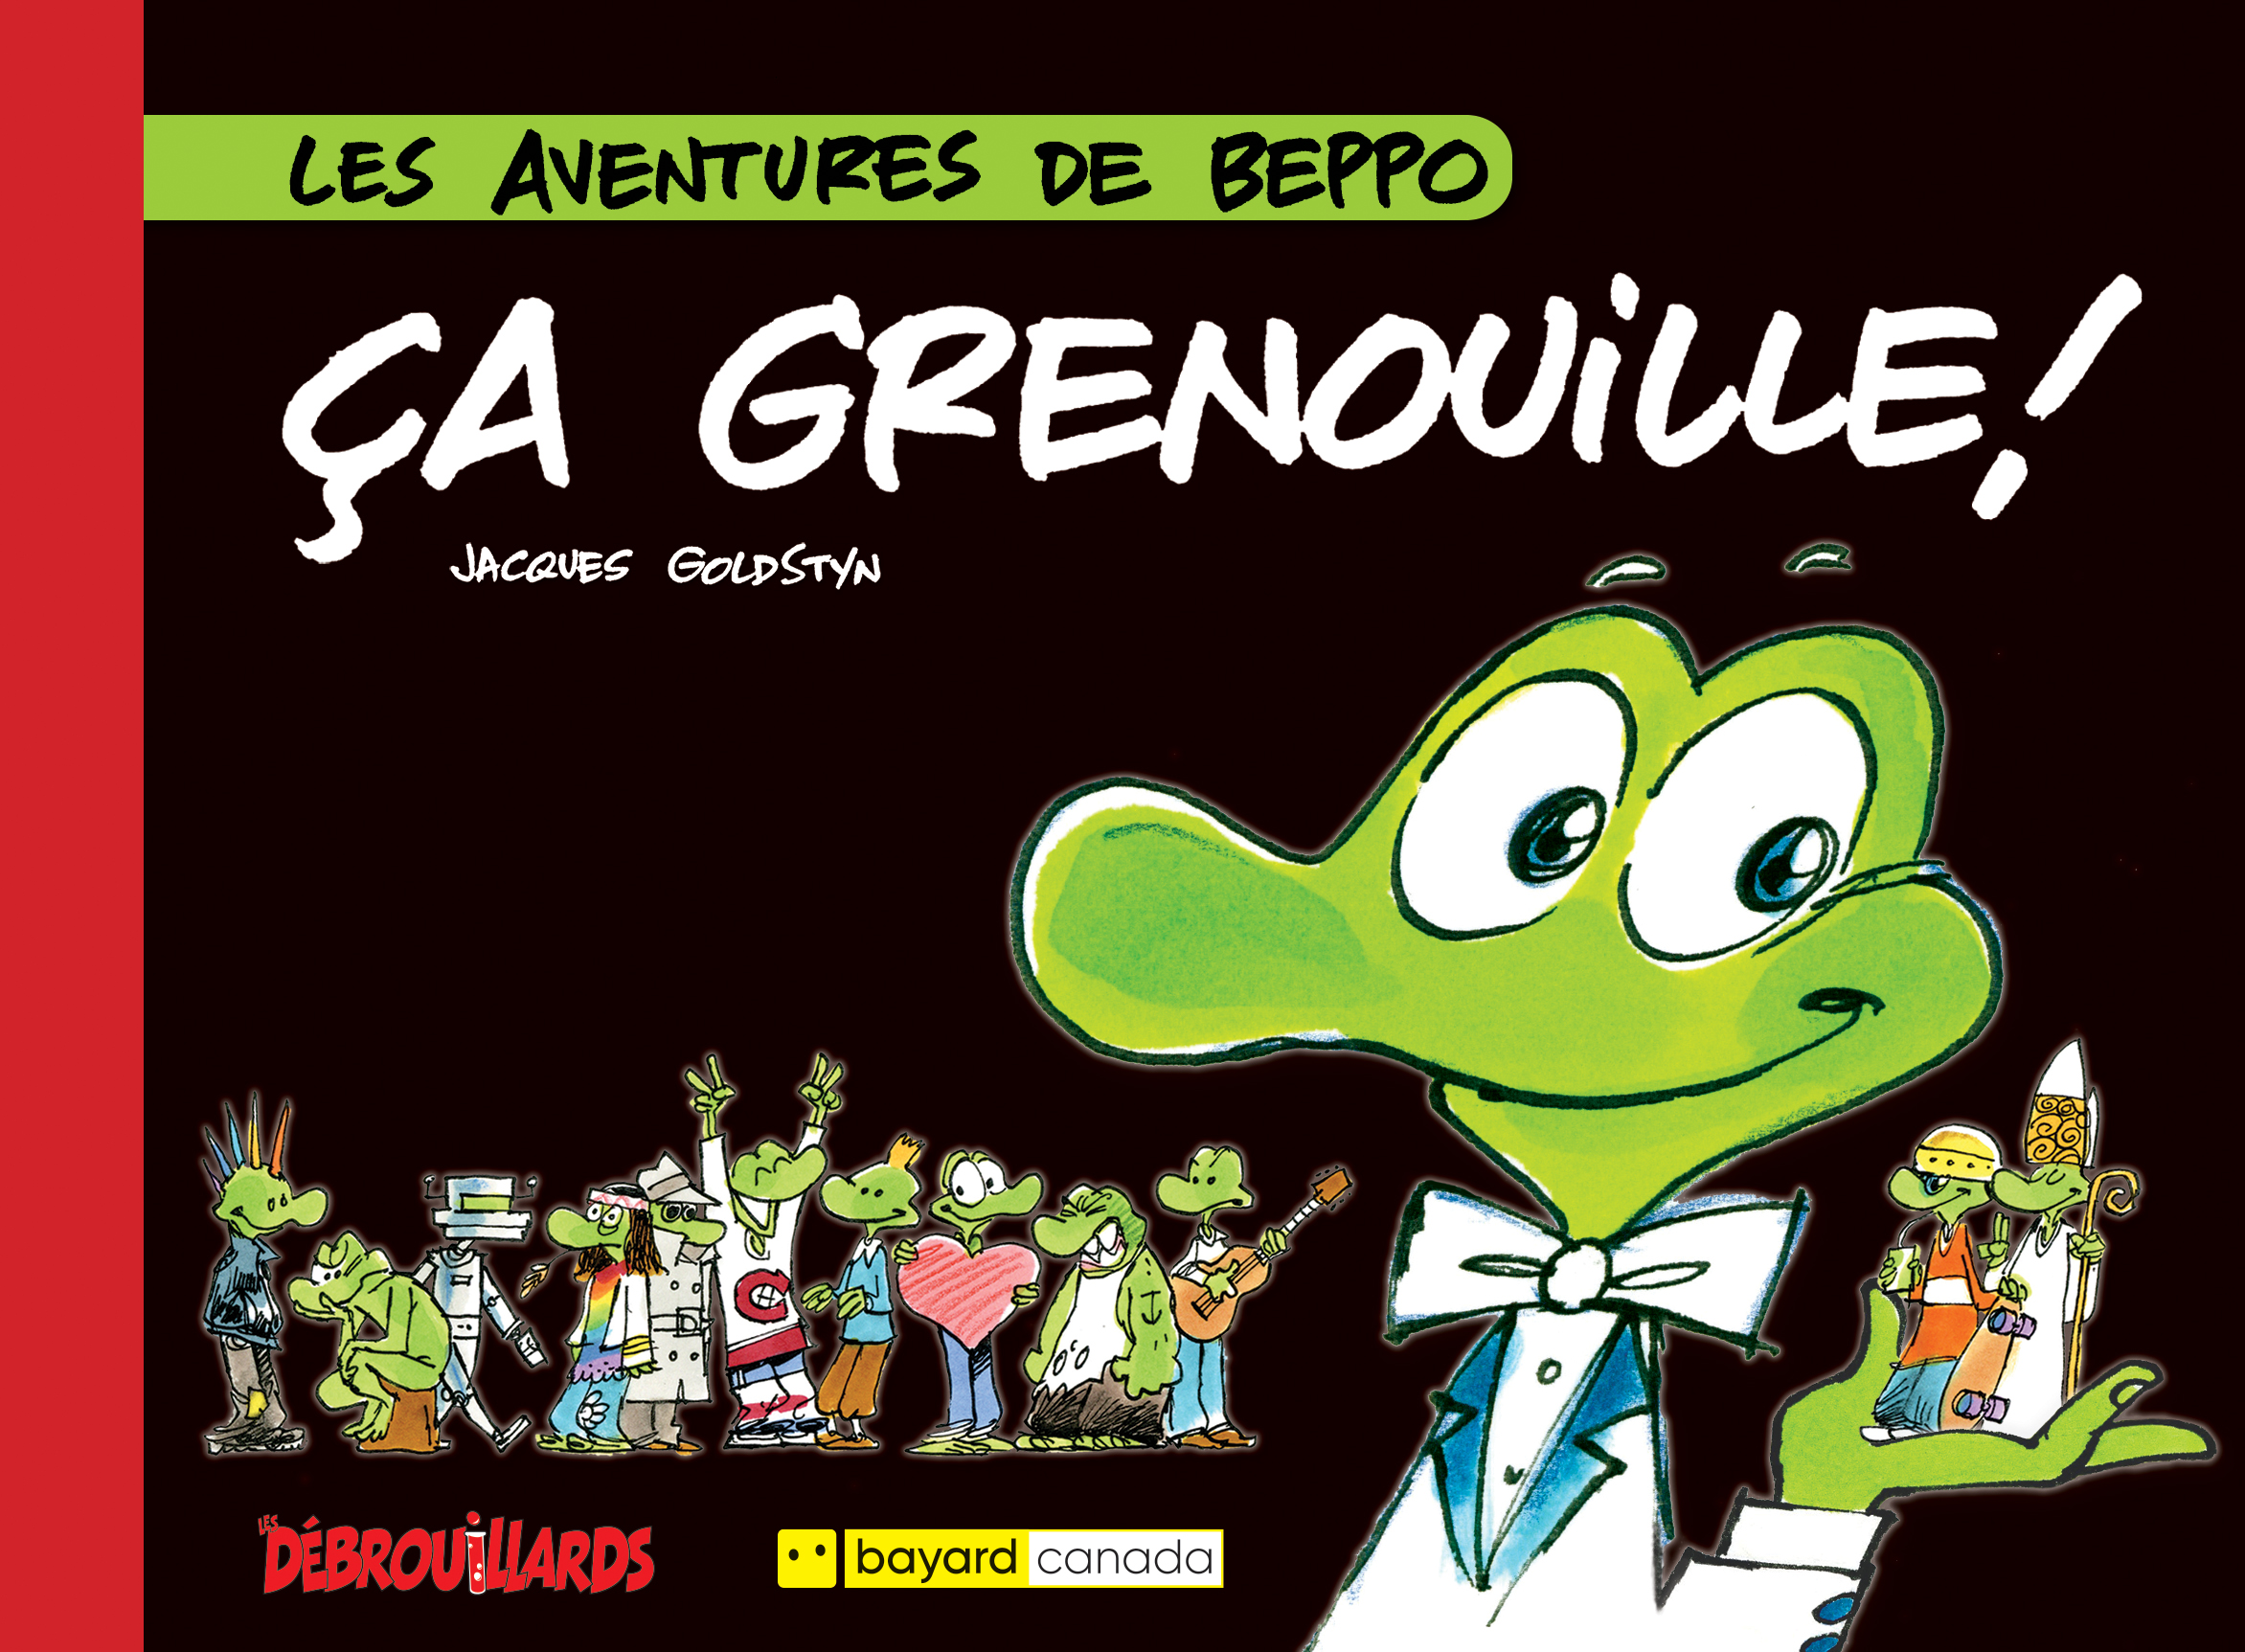 Ça grenouille! : Les aventures de Beppo